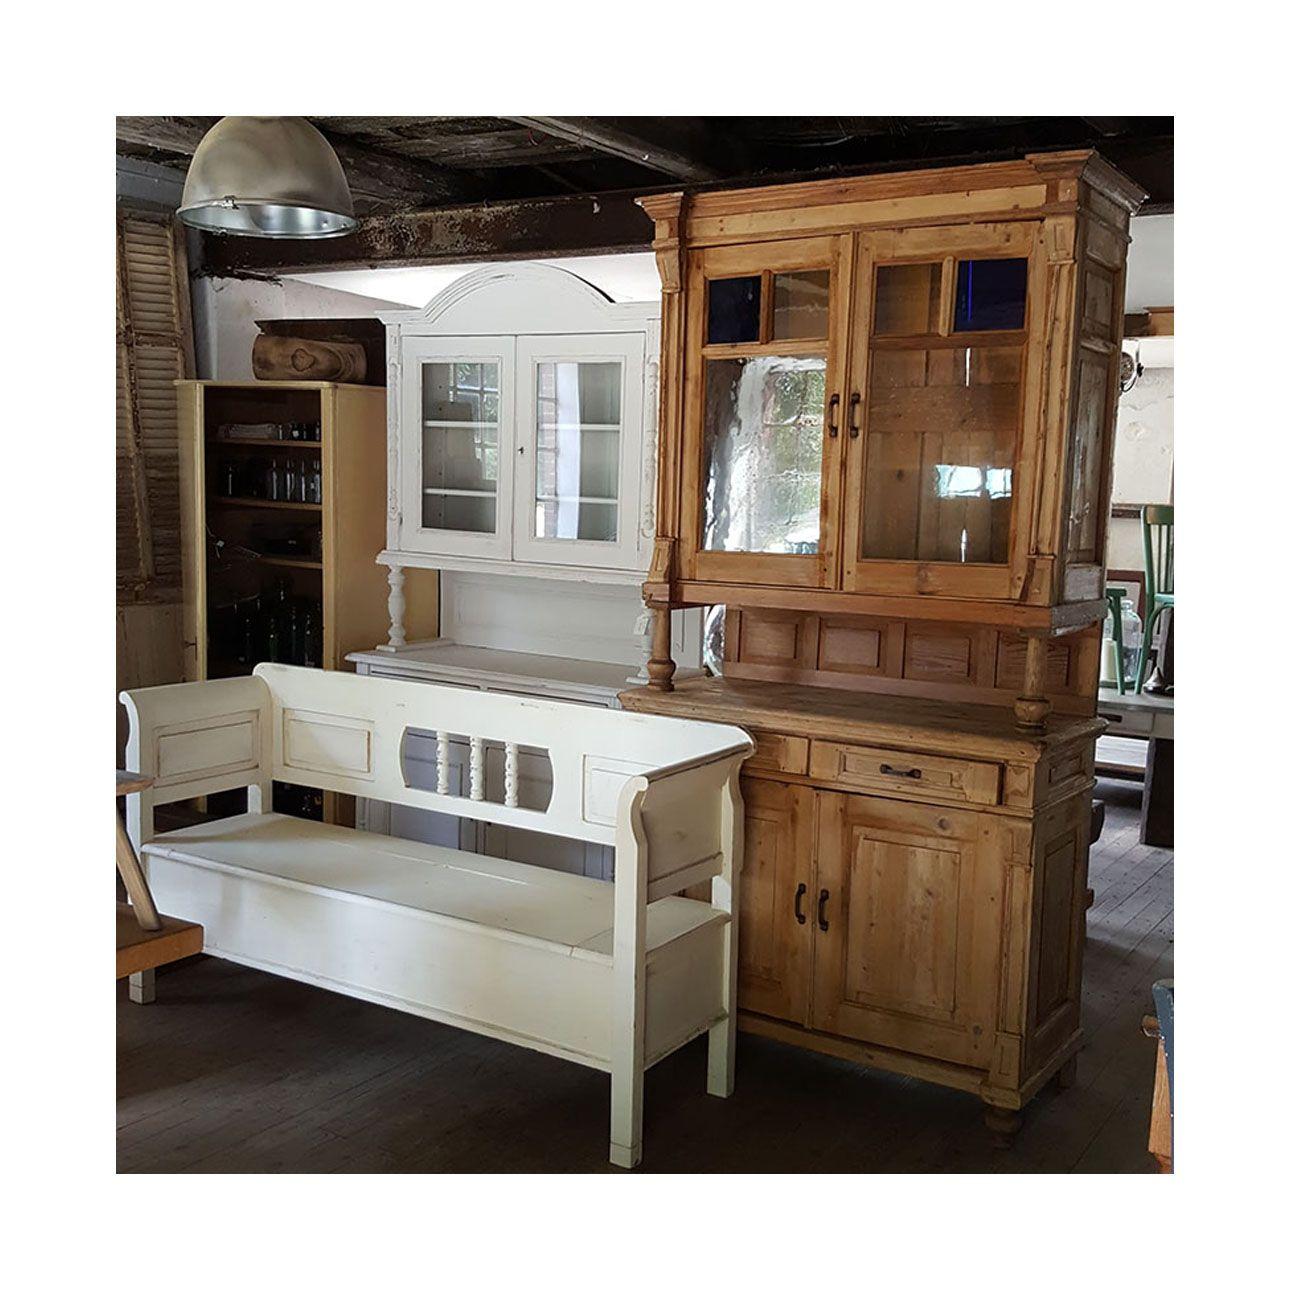 Die Brocanterie Lagerhaus Fur Alte Landliche Mobel Im Loftstyle Vintage Mobel Landlich Loft Mobel